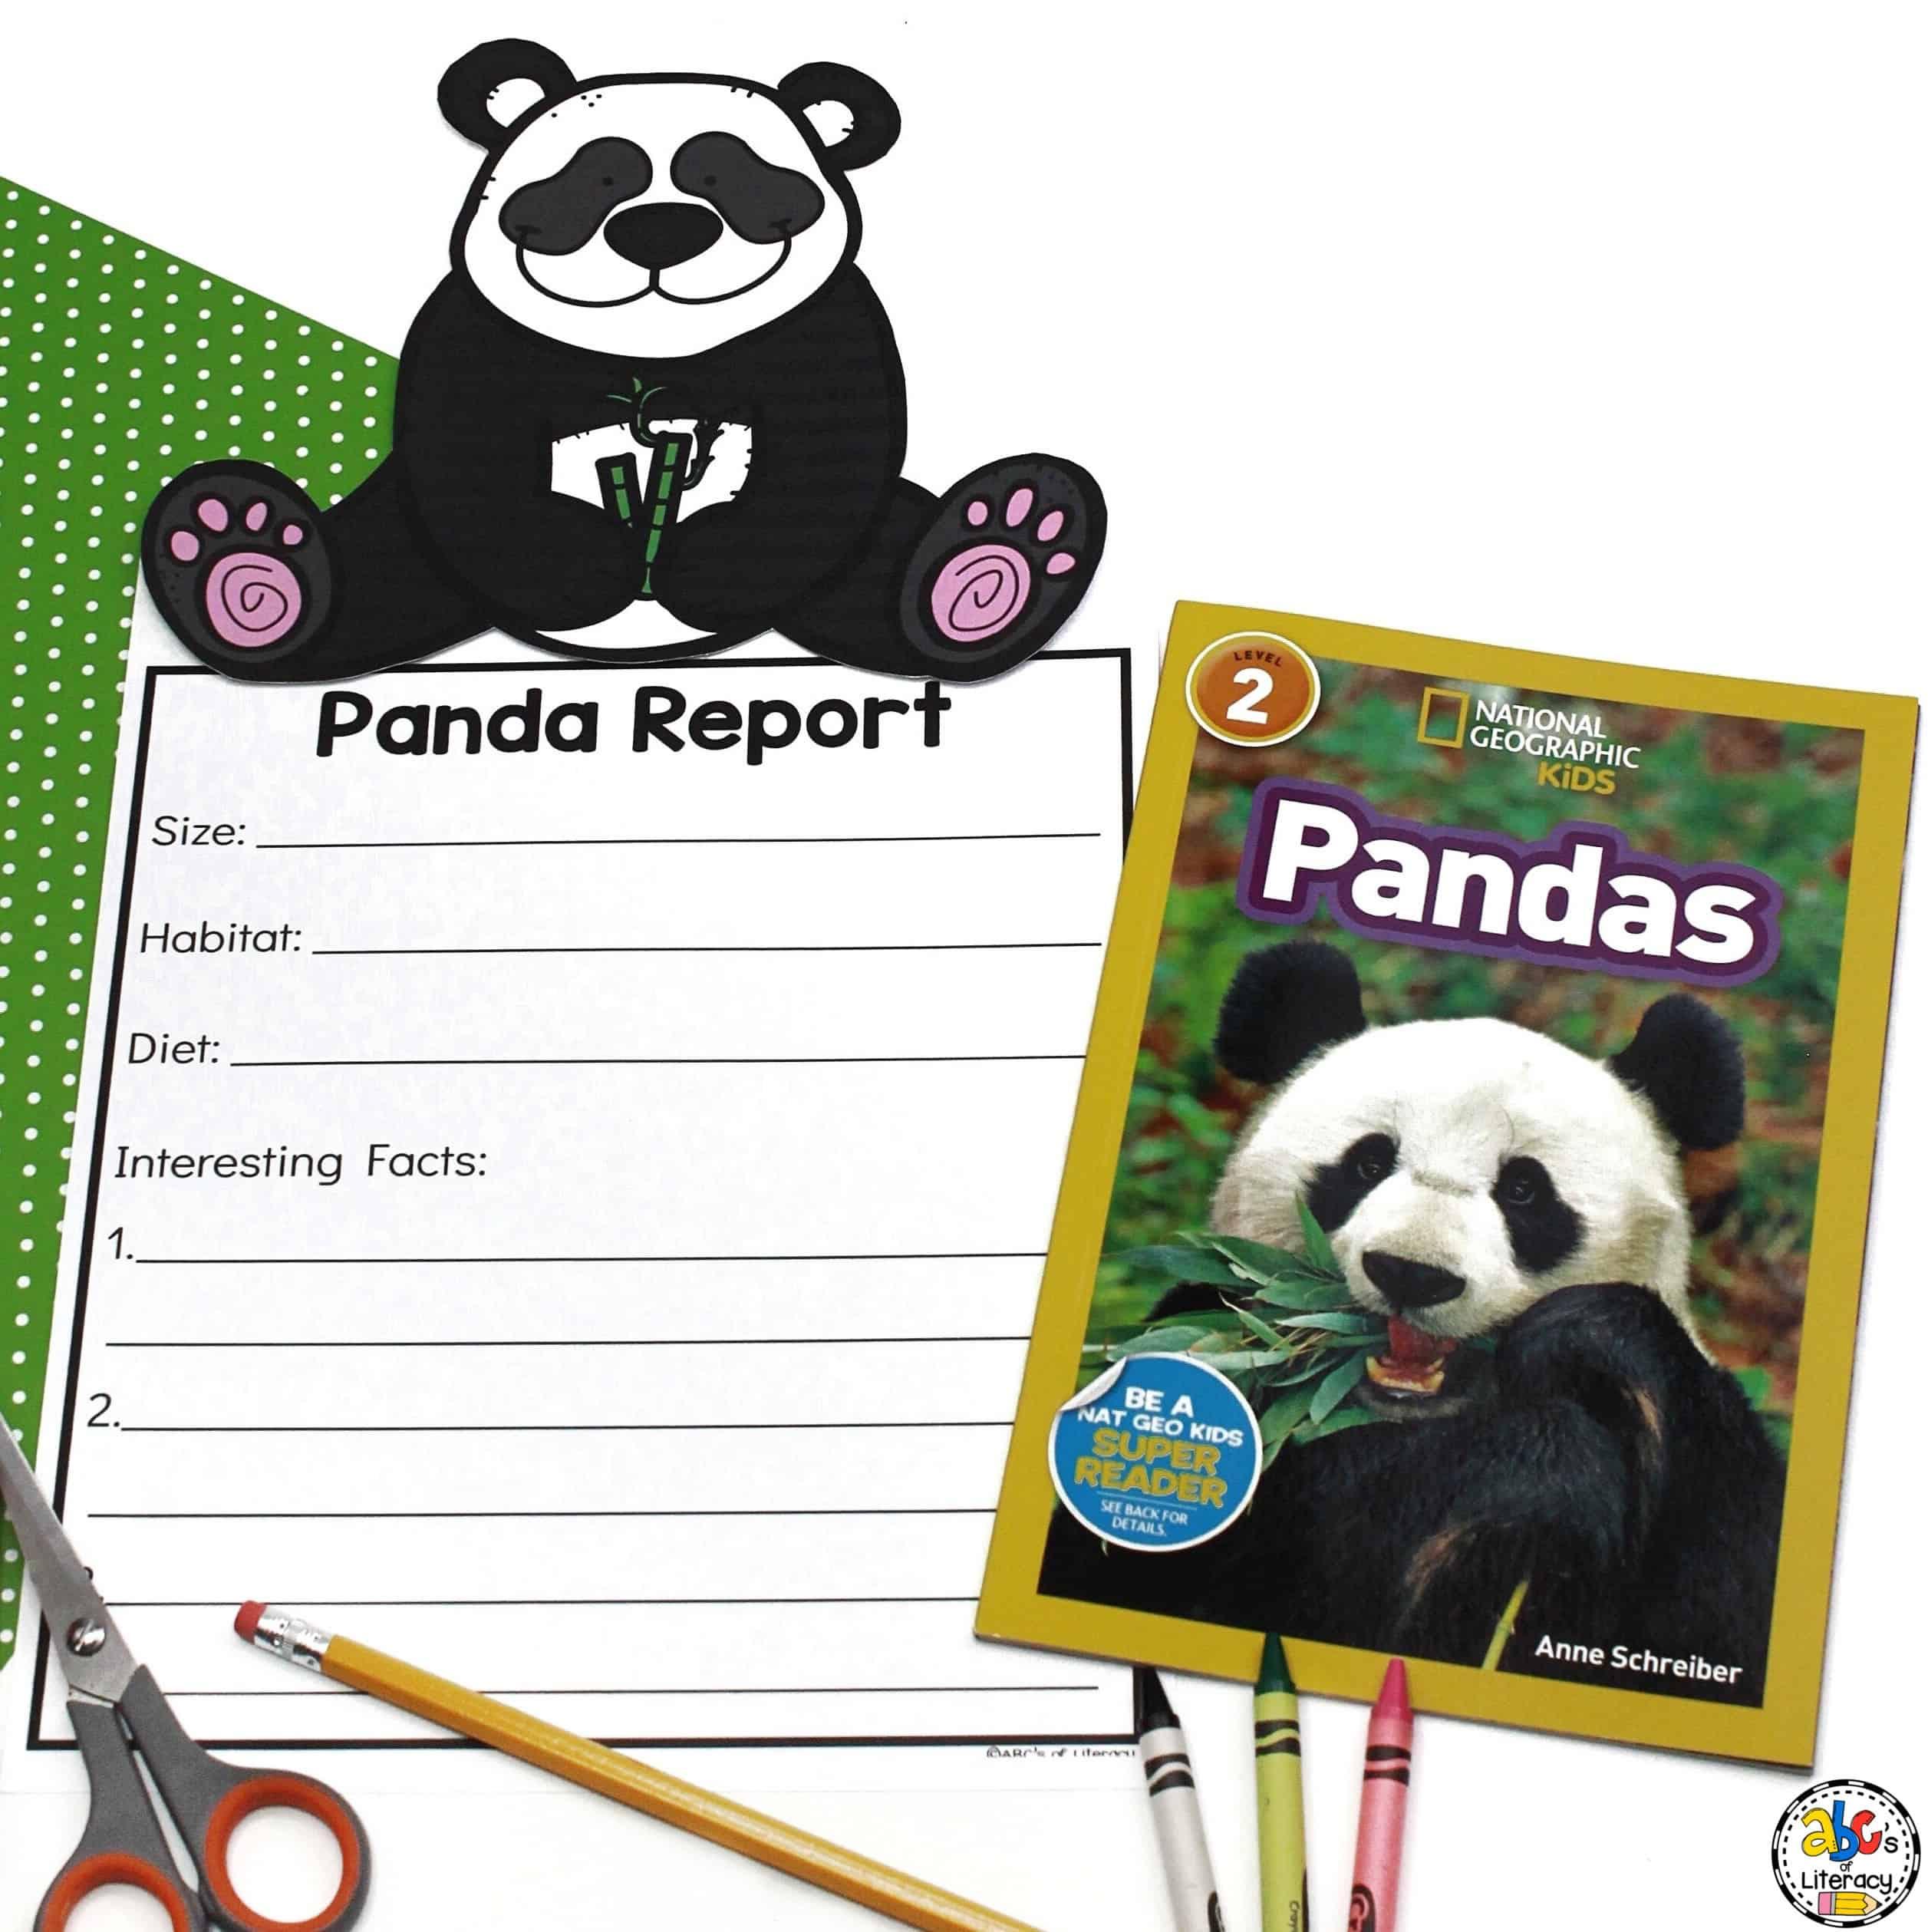 Panda Report Animal Research Amp Writing Report For Kids